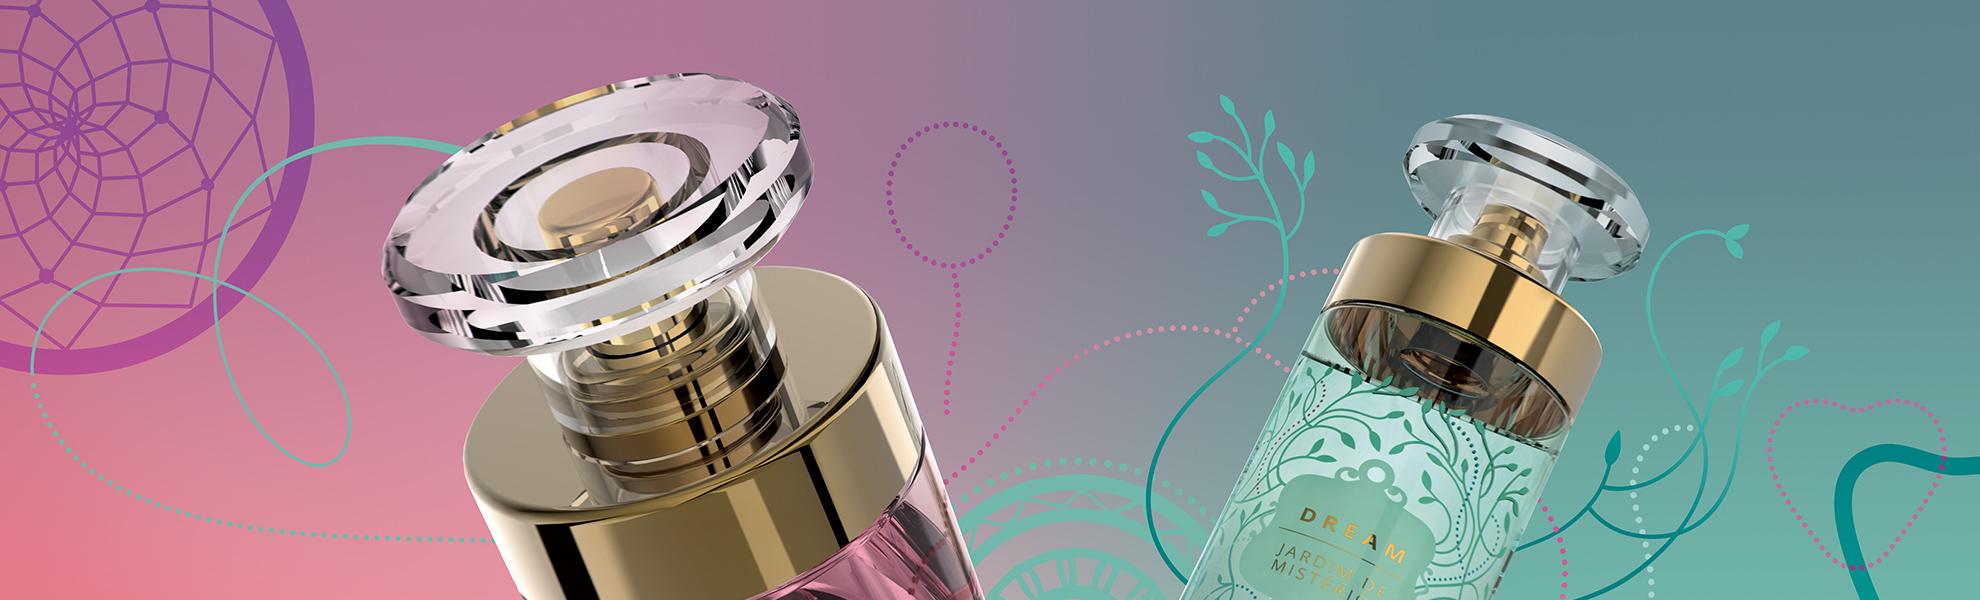 chelles-e-hayashi-design-portfolio-boticario-dream-body-splash-produto-marca-linguagem-embalagem